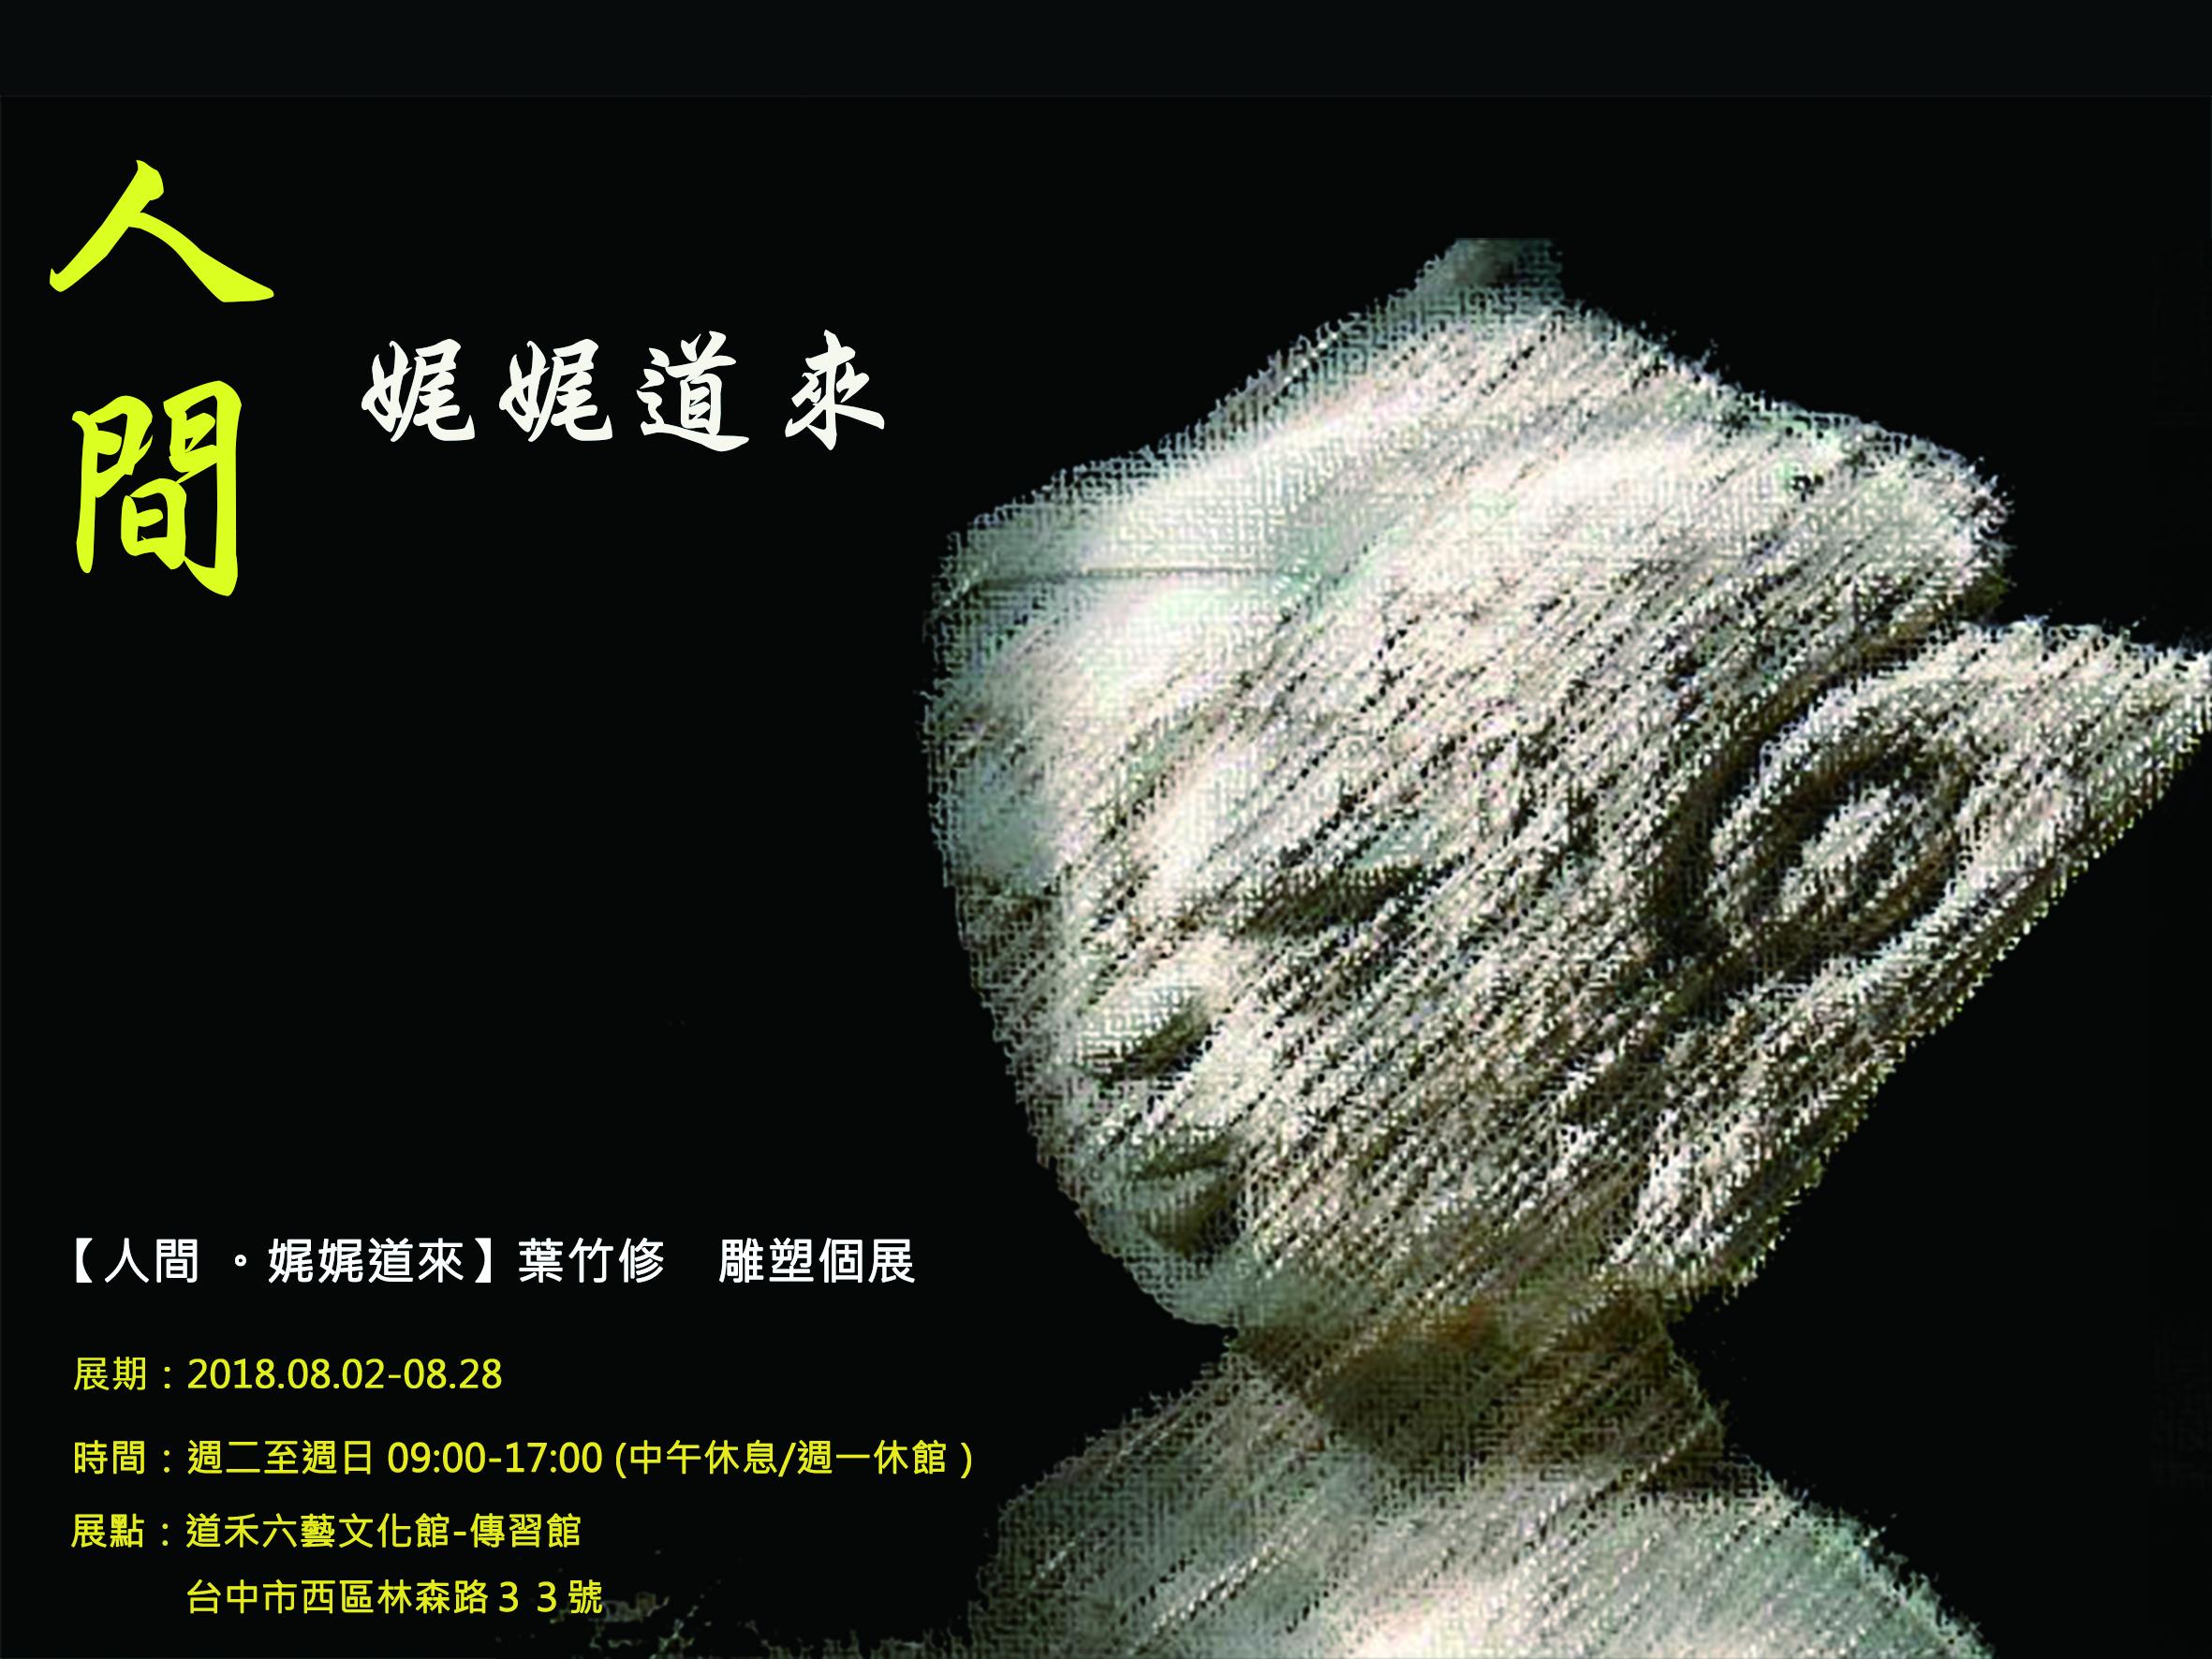 【傳習藝展】人間.娓娓道來 葉竹修 雕塑個展